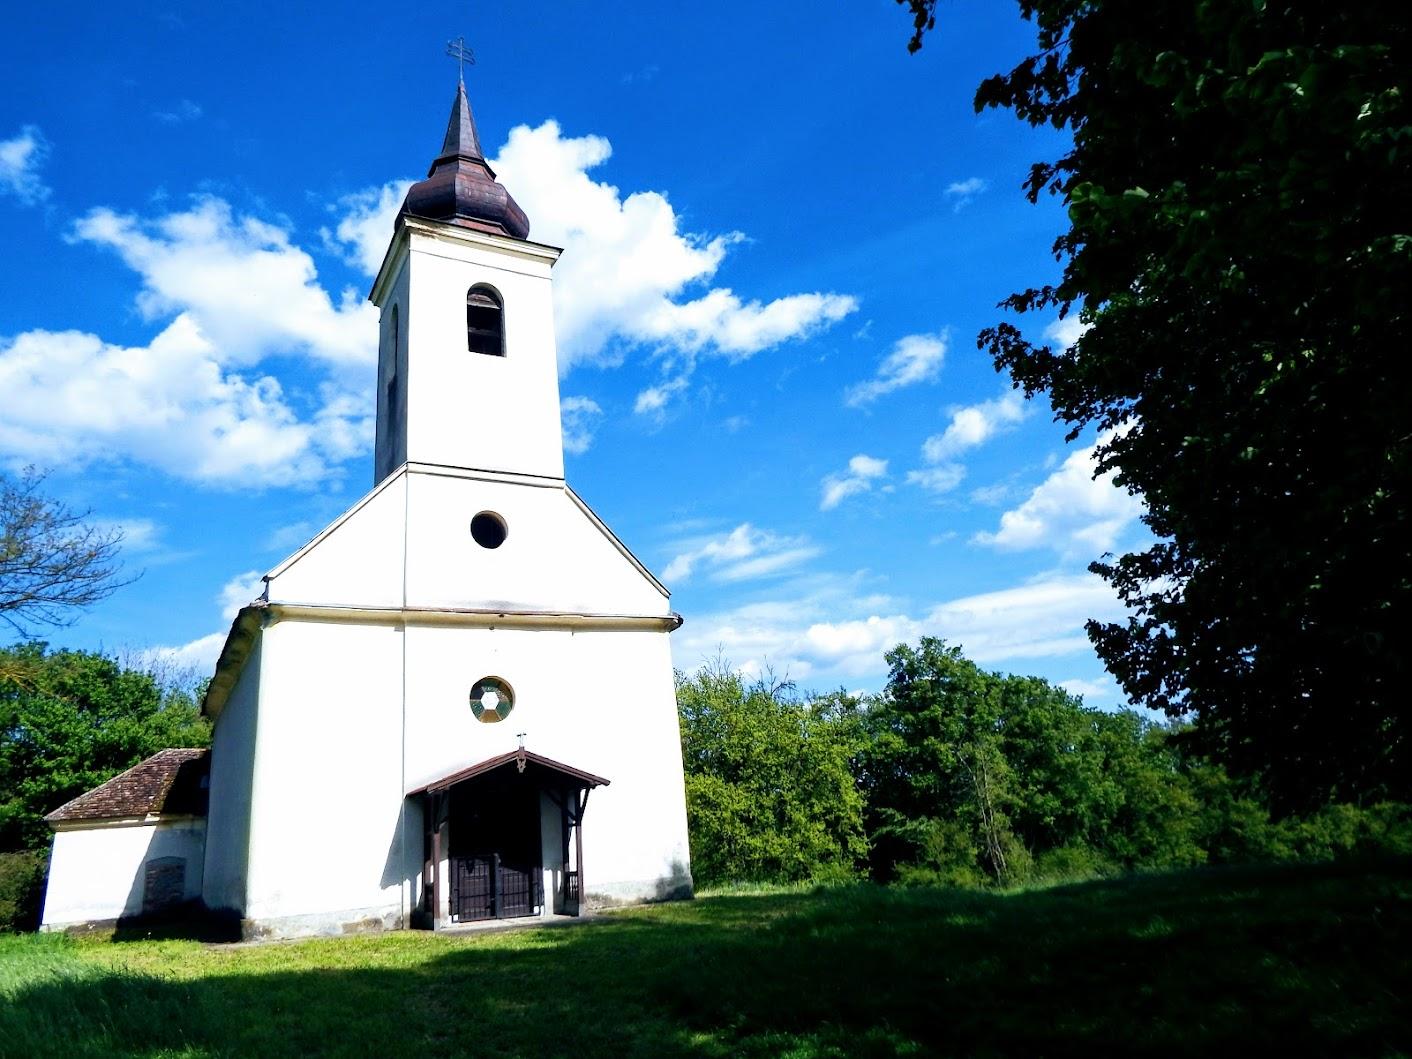 Telekes - Felsőtelekesi Kisboldogasszony rk. templom